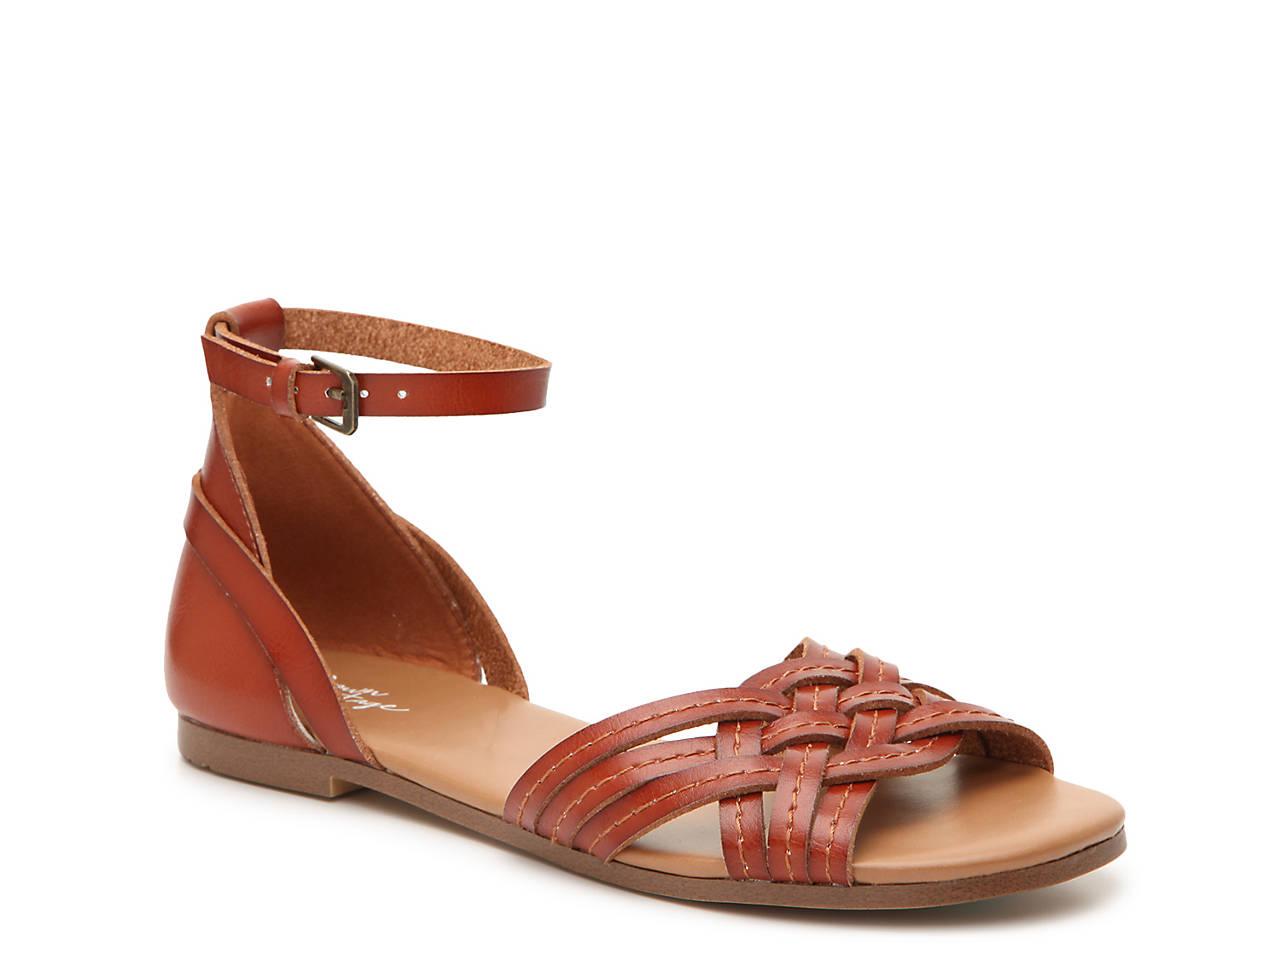 a9d9b6f9cf2 Crown Vintage Seabrylla Sandal Women s Shoes